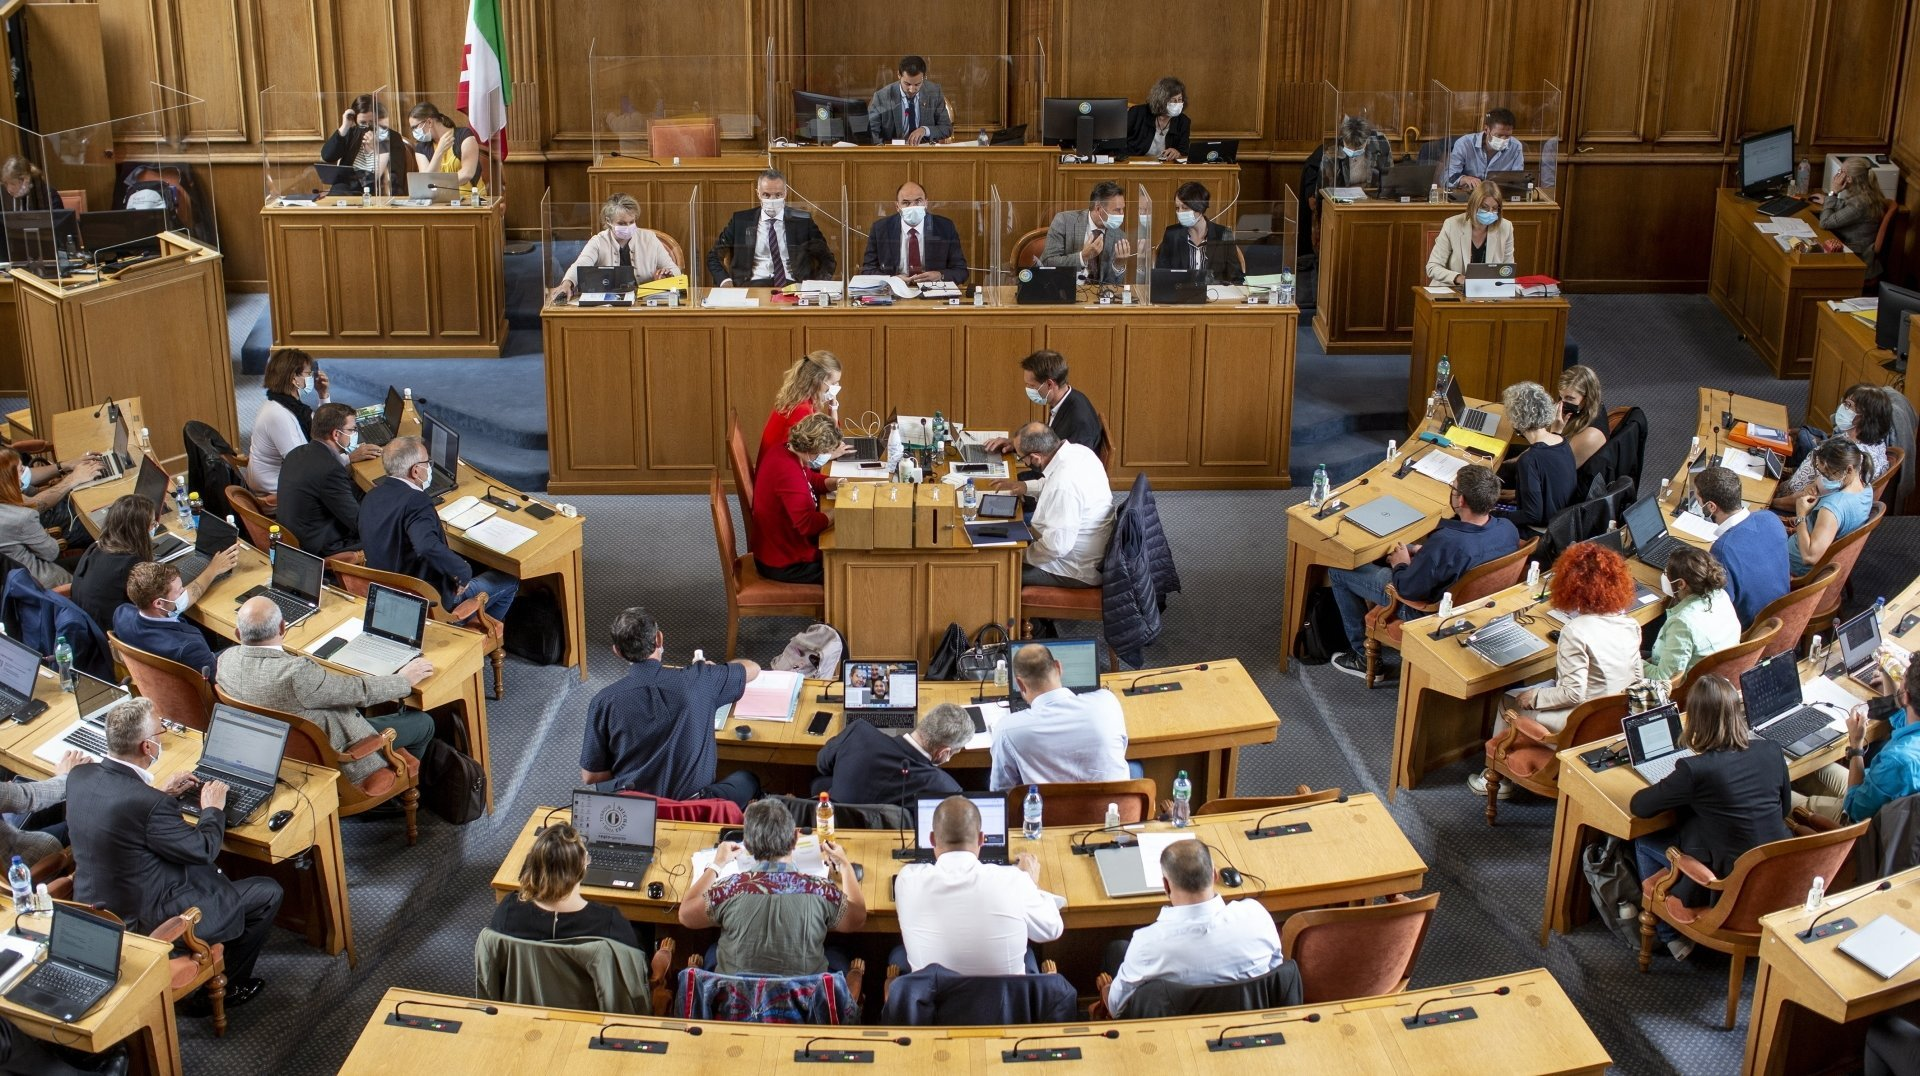 Le Grand Conseil se prononcera sur ces crédits lors de sa prochaine séance.